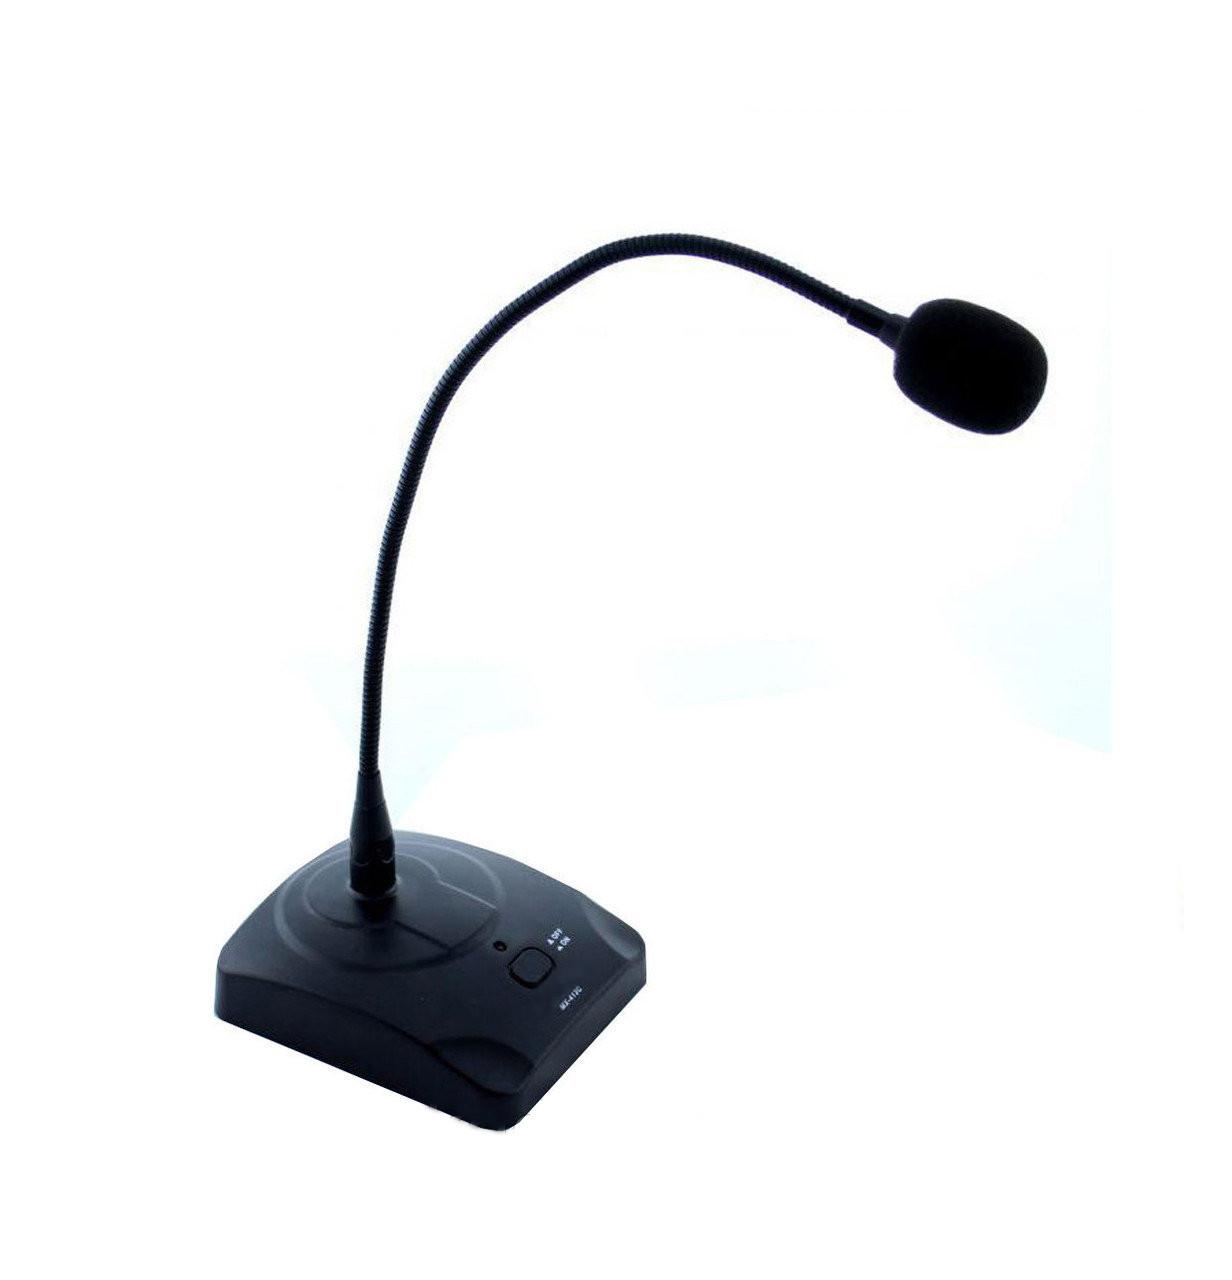 Радиомикрофон для конференций Shure MX-418 PRO Черный (008433)